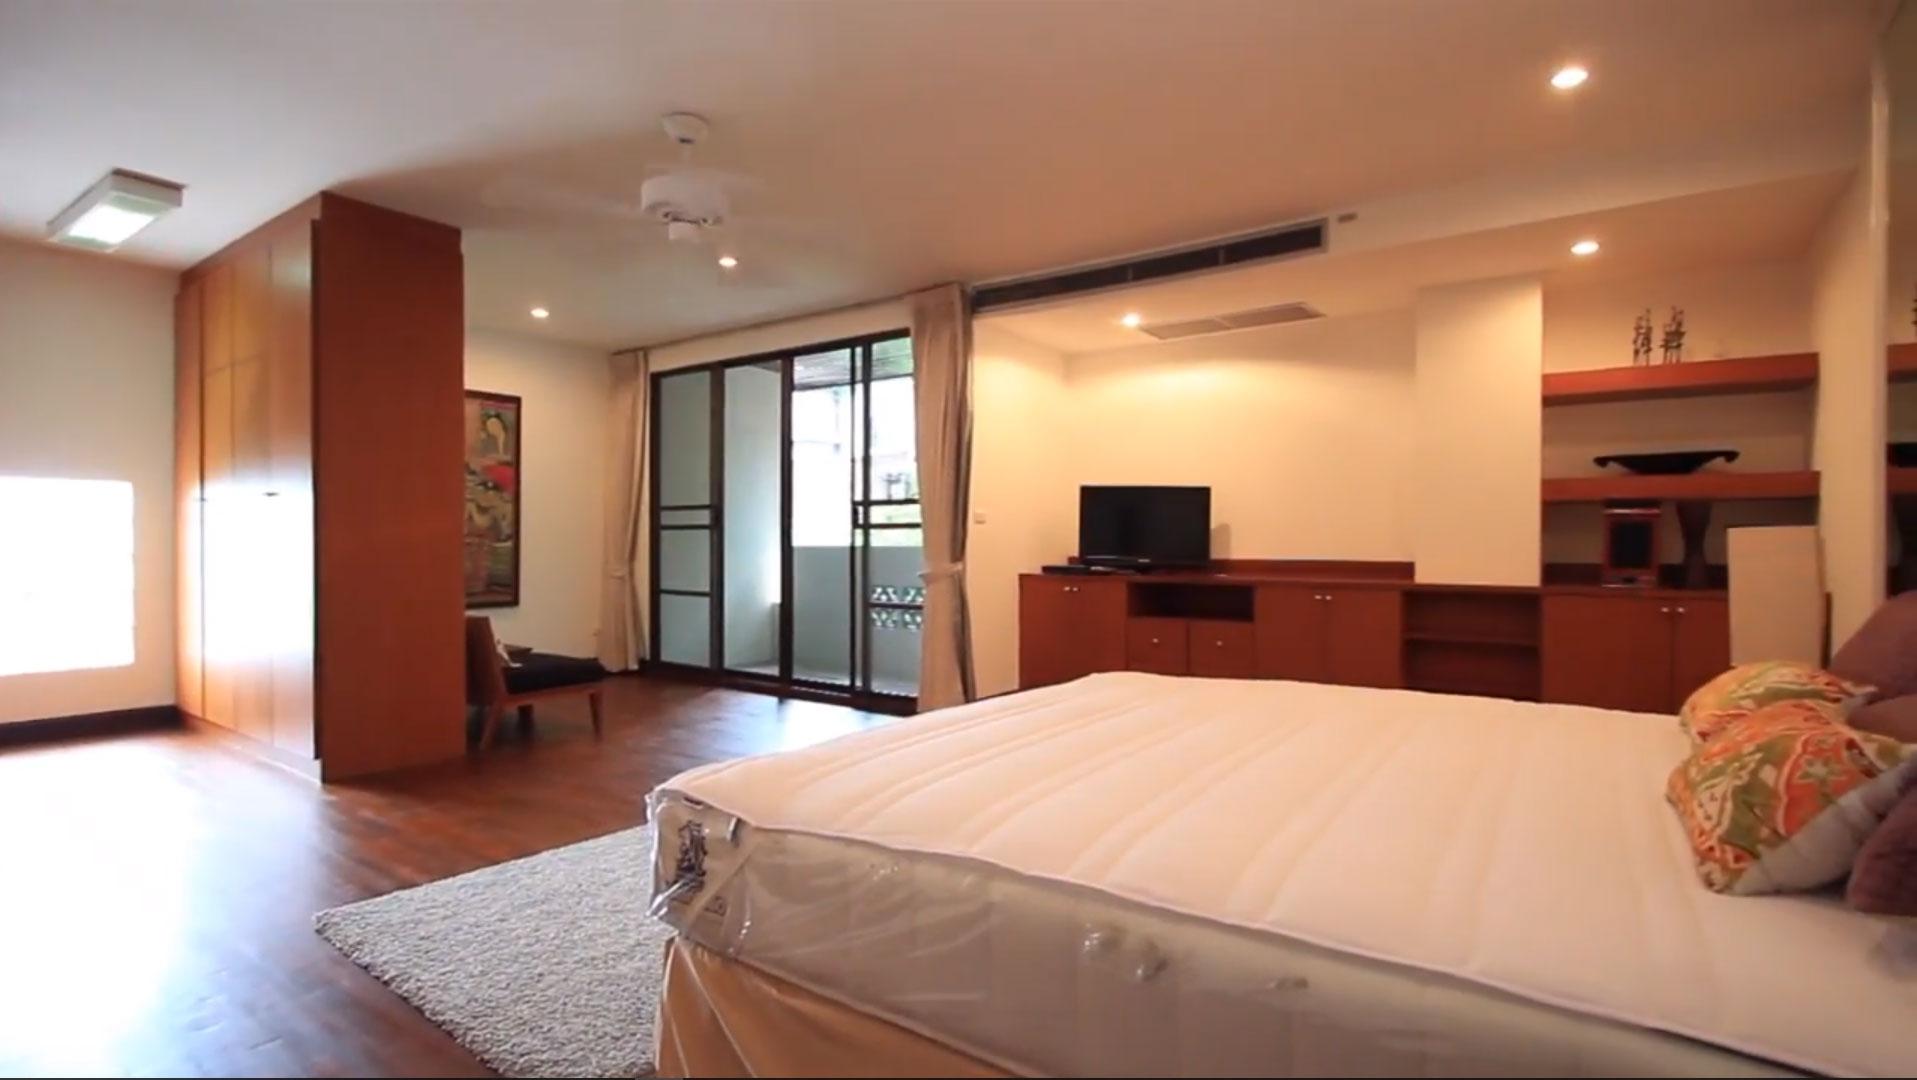 Raintree-Village-3-bedroom-8.